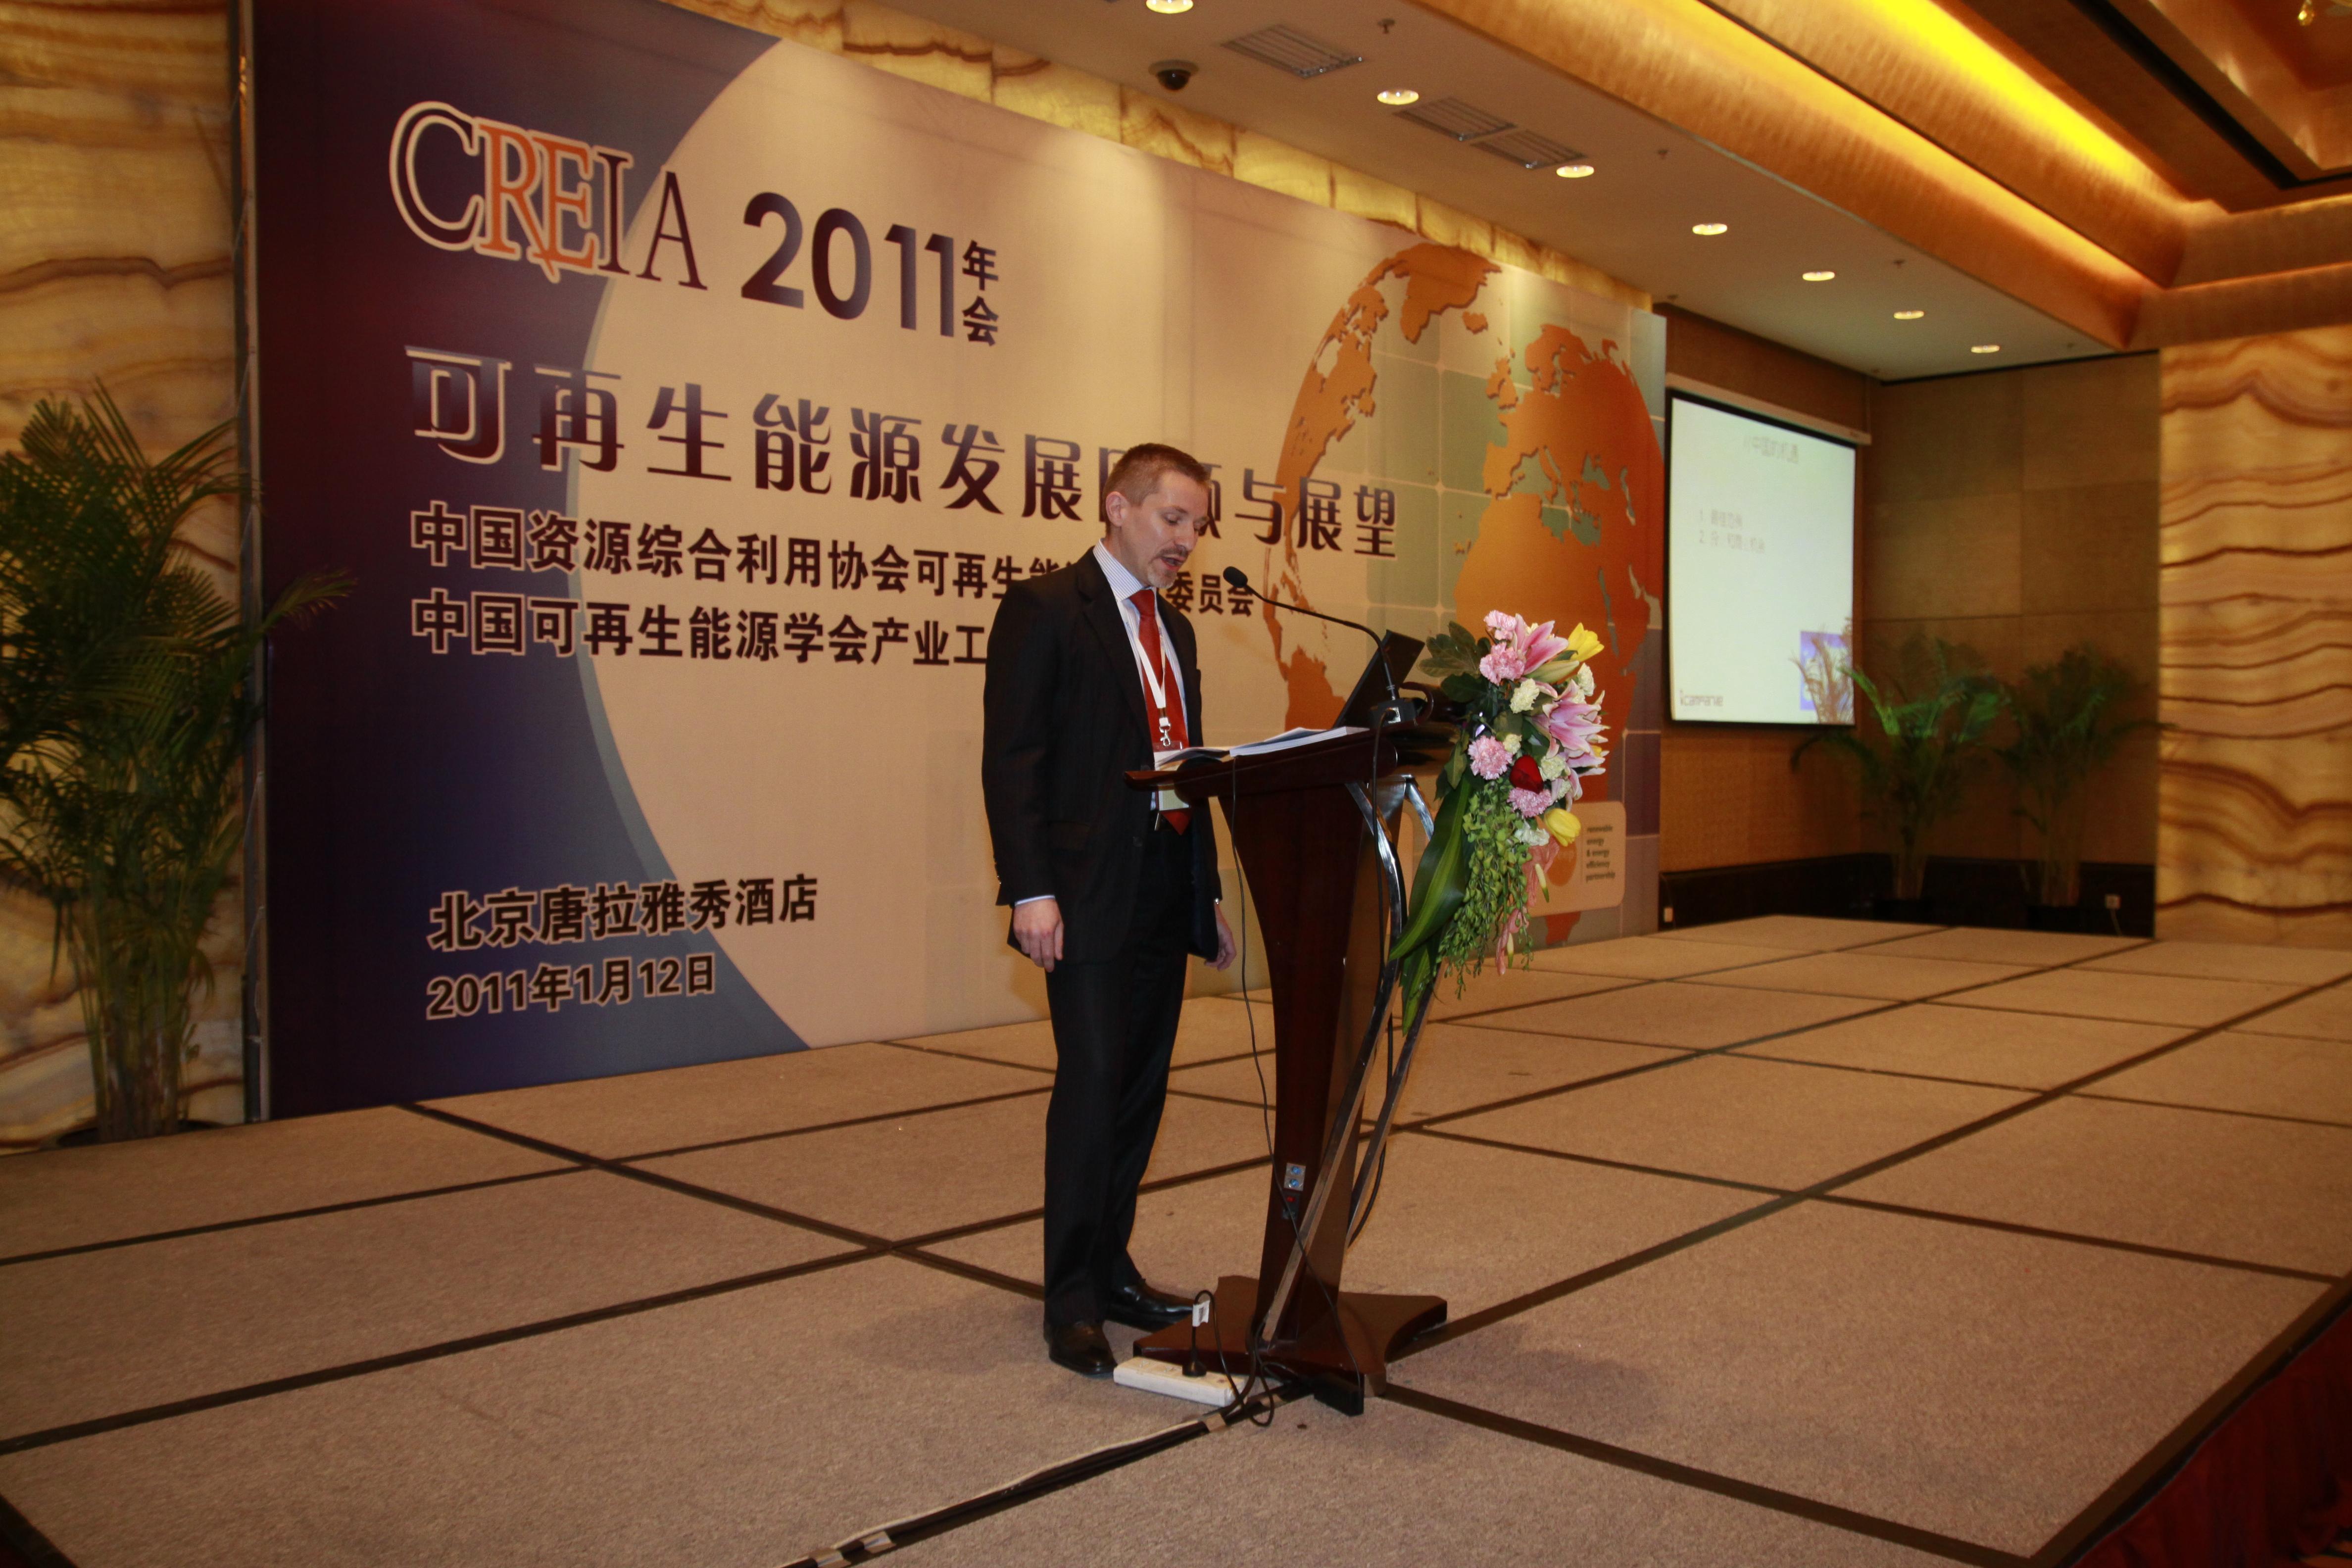 CREIA 2011 keynote Gabor Holch